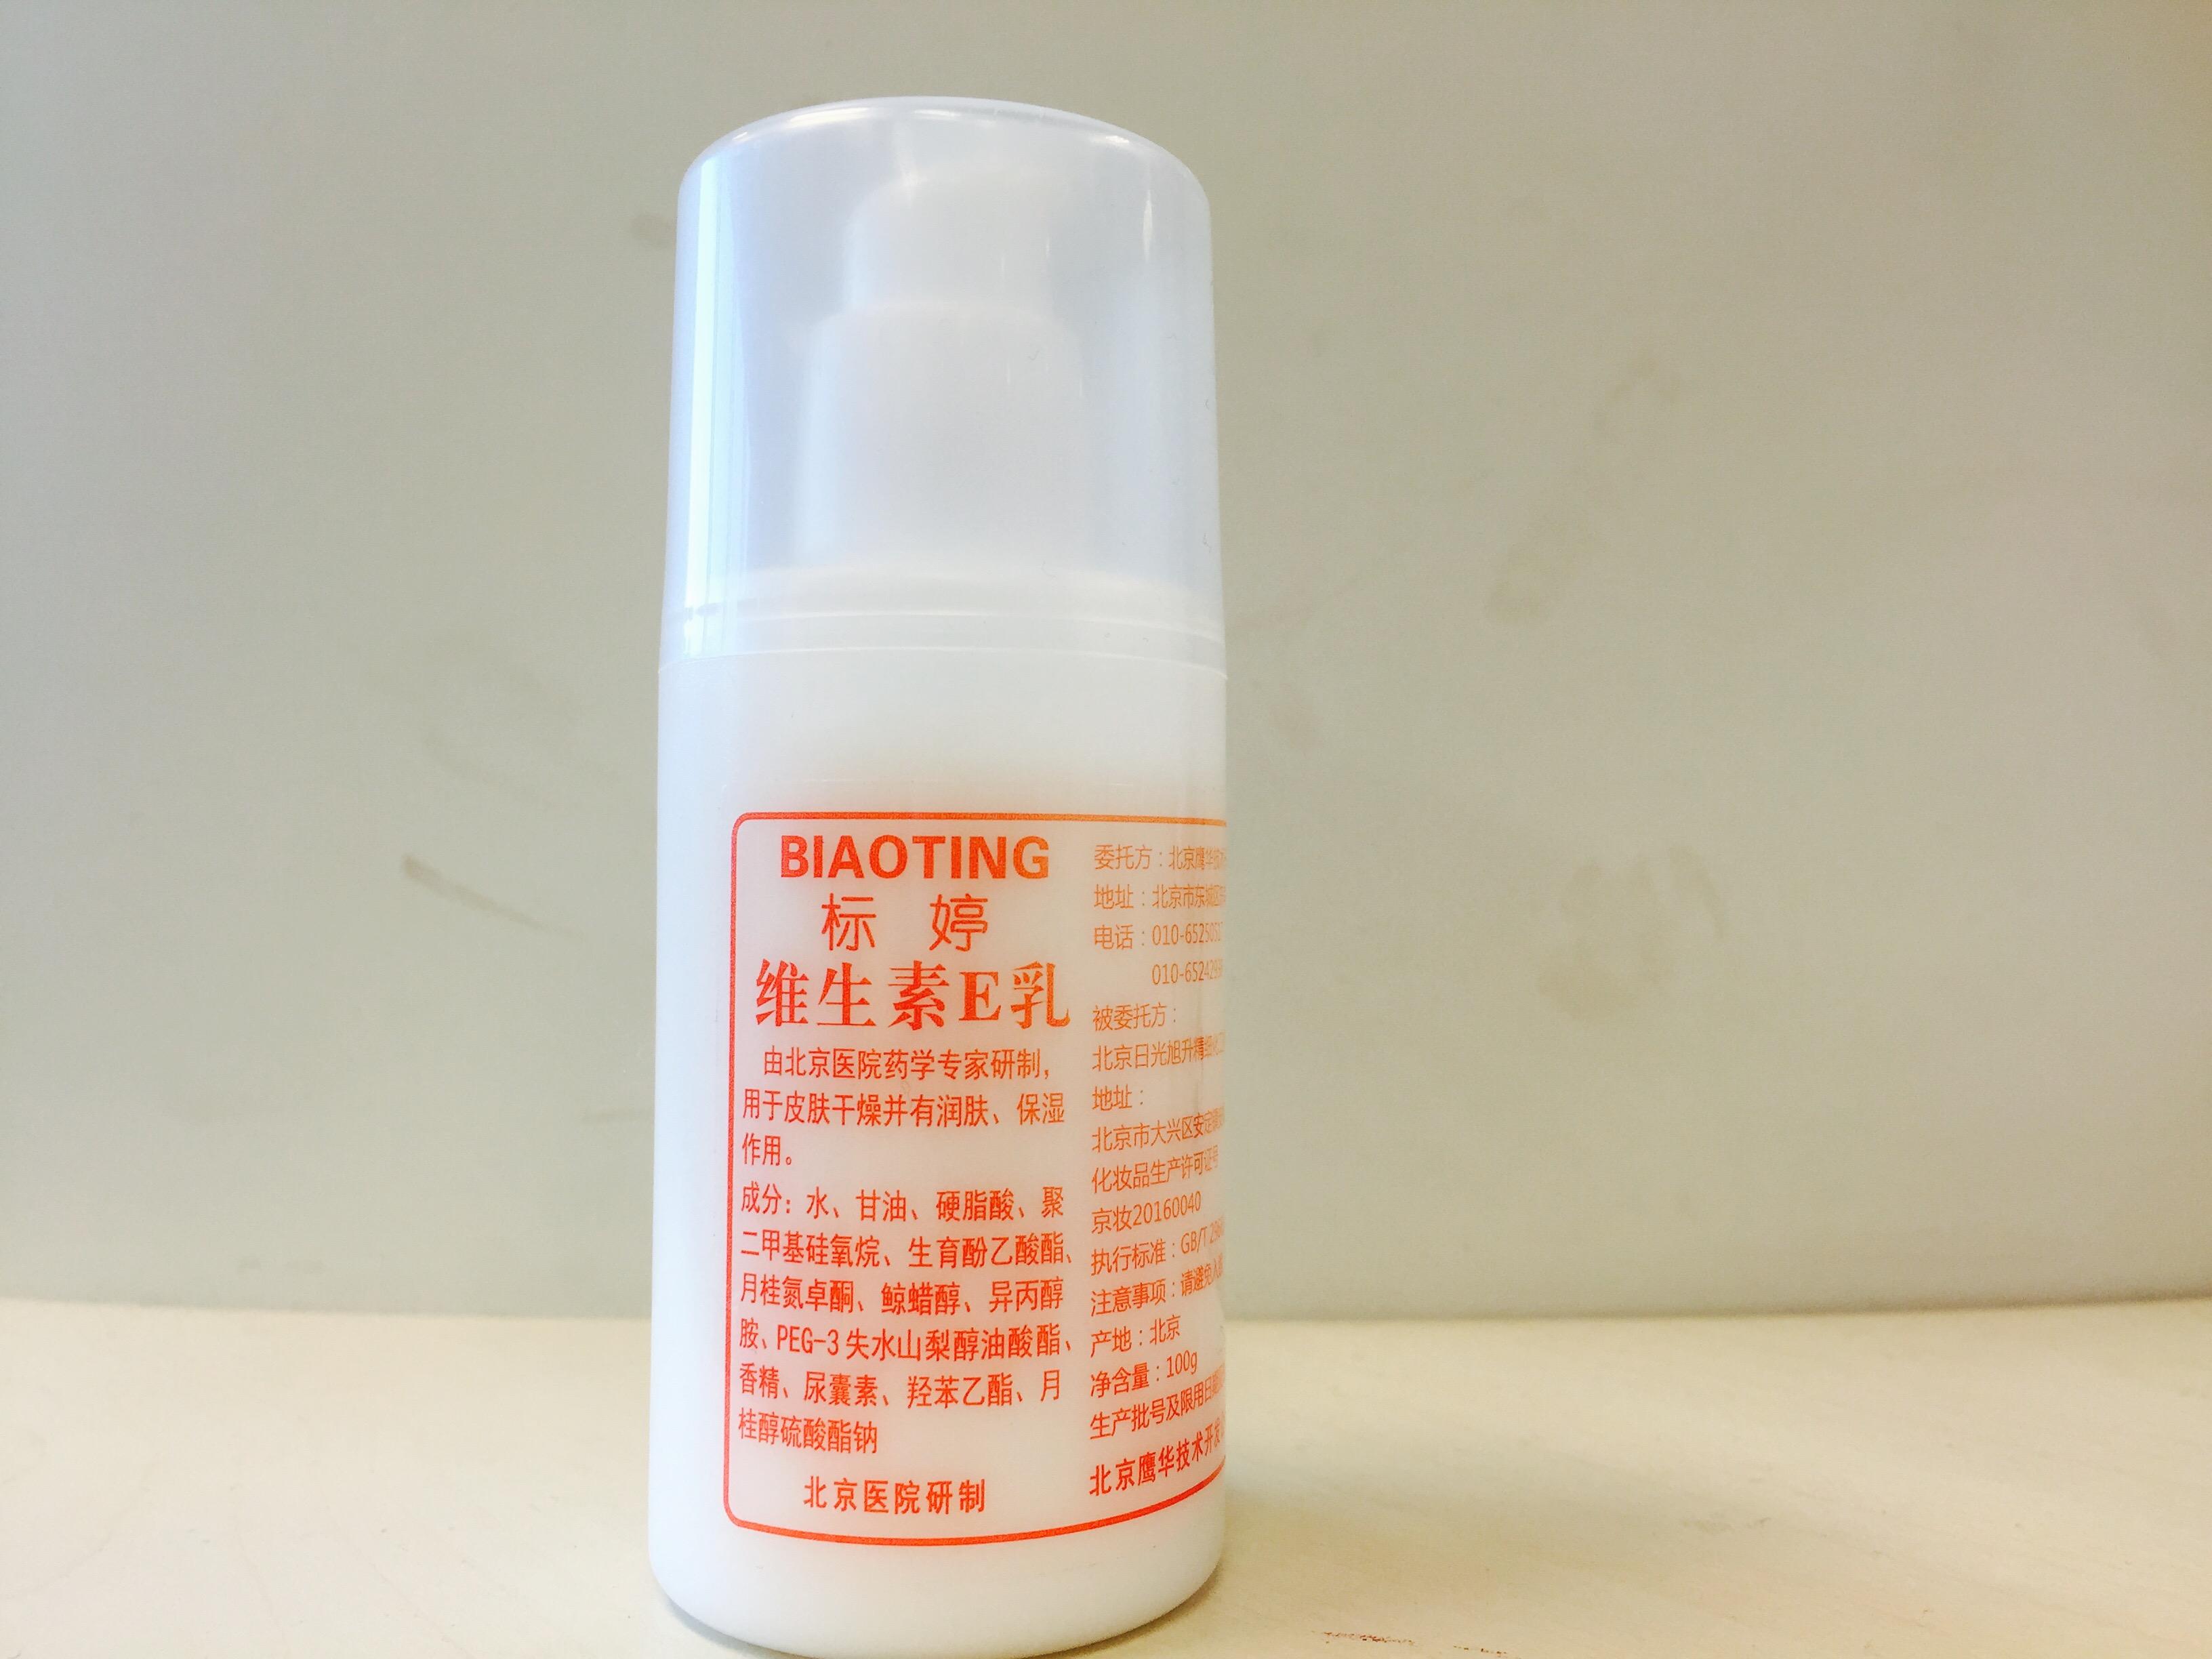 北京医院:网上或其他渠道购买的标婷维E乳为非正品